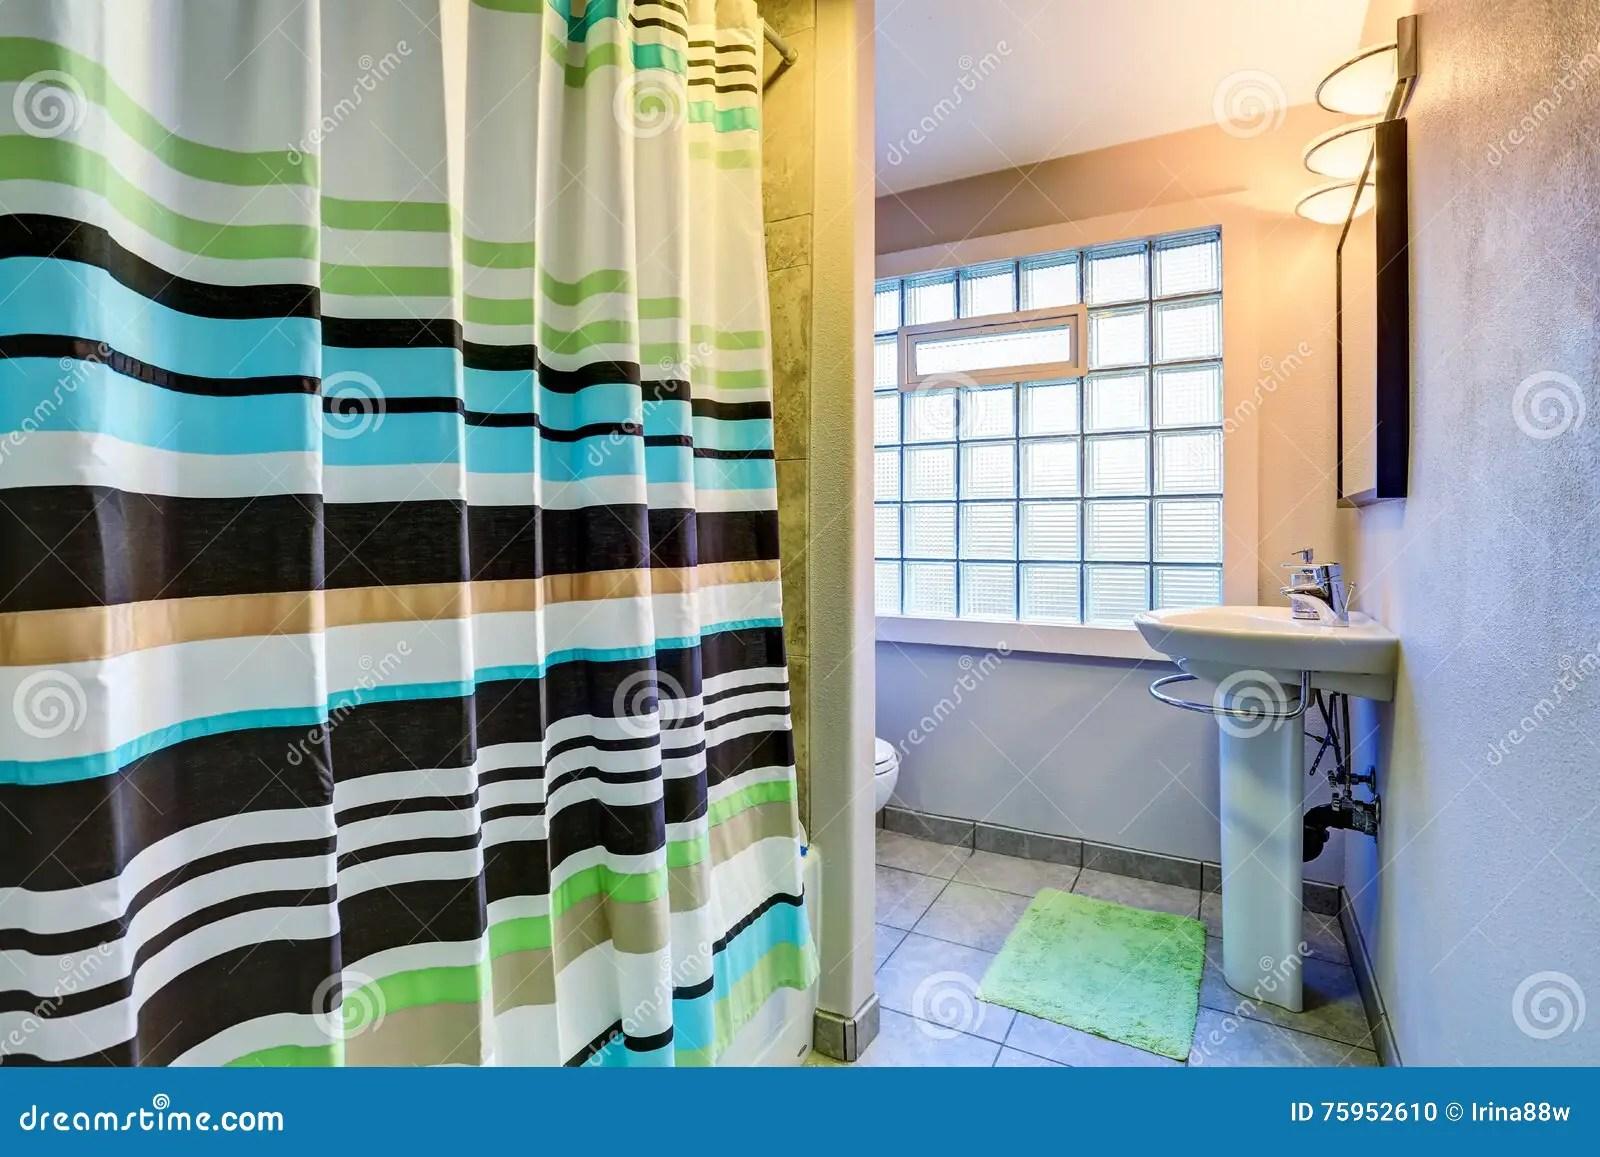 interieur de salle de bains de style ancien avec le rideau depouille colore photo stock image du appartement etage 75952610